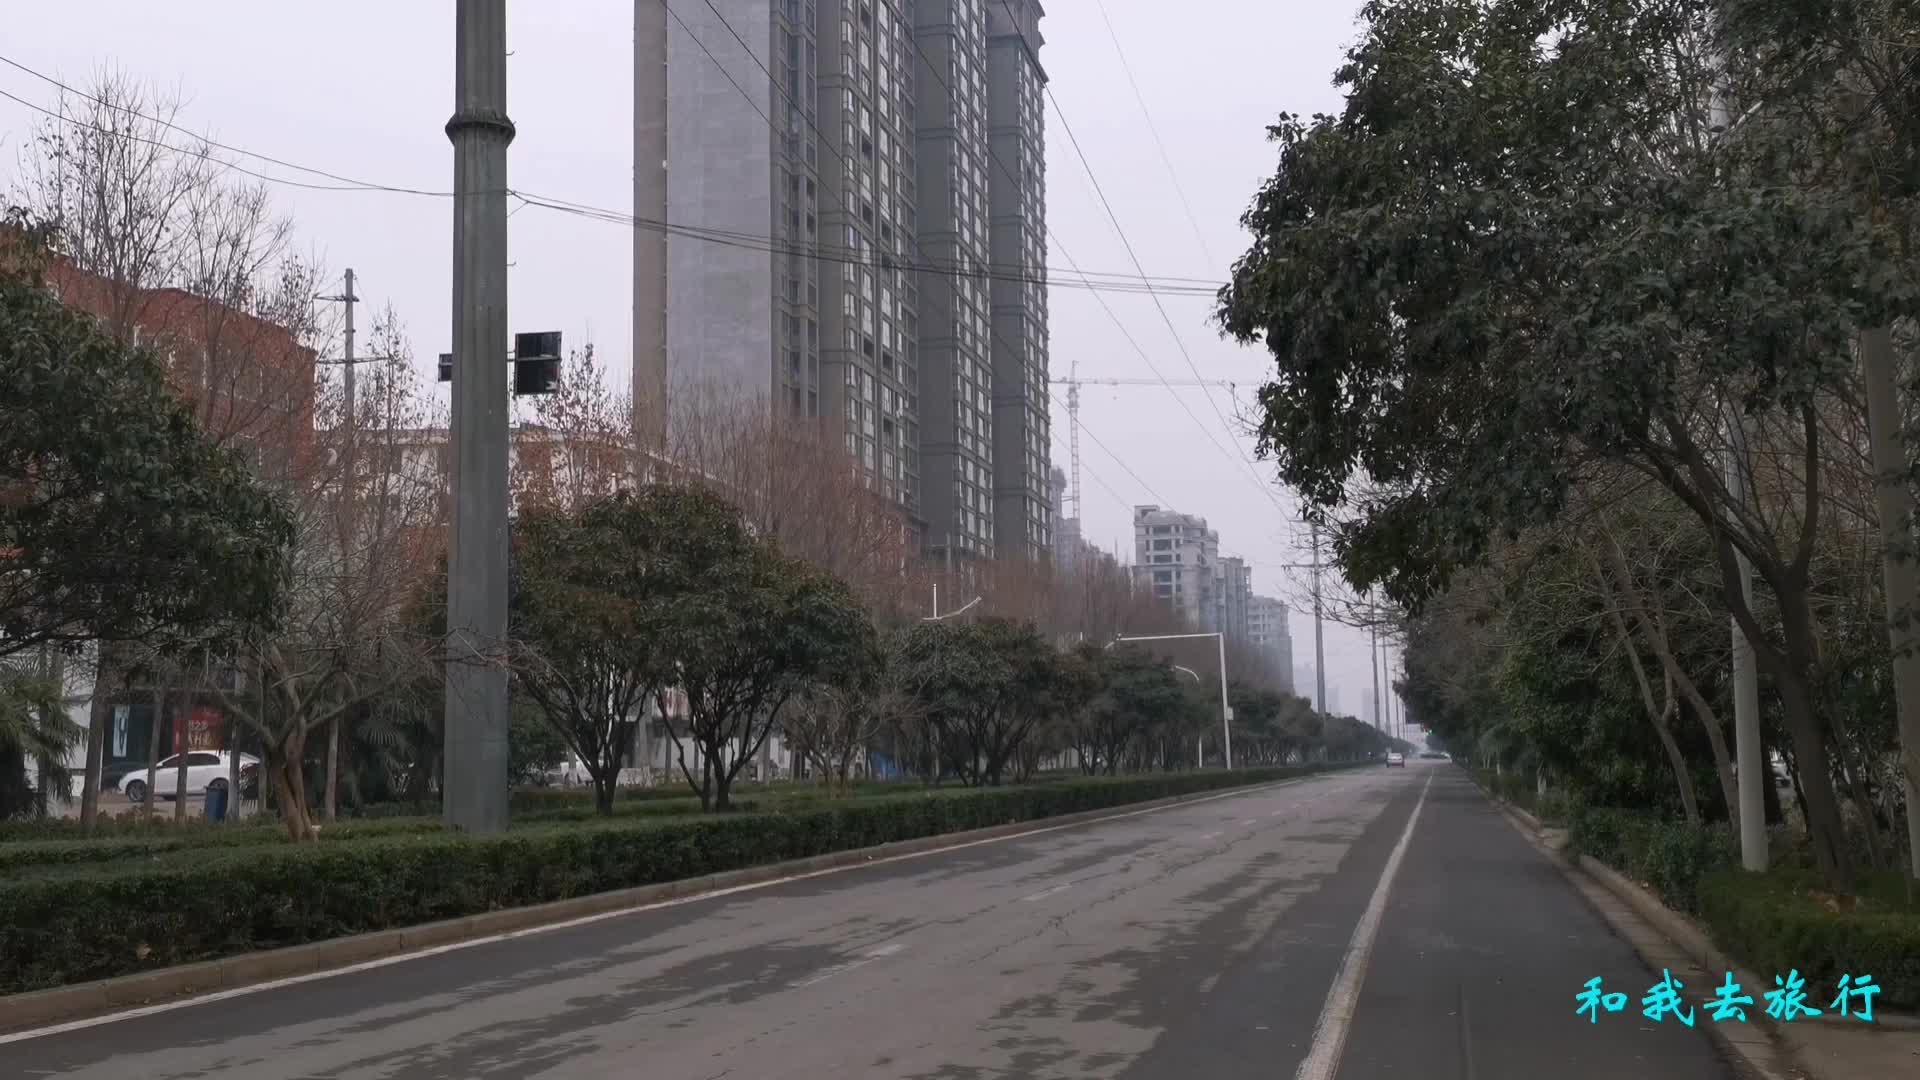 大年初一的禹州街上冷冷清清,只有永辉超市这里人不少,充满年味